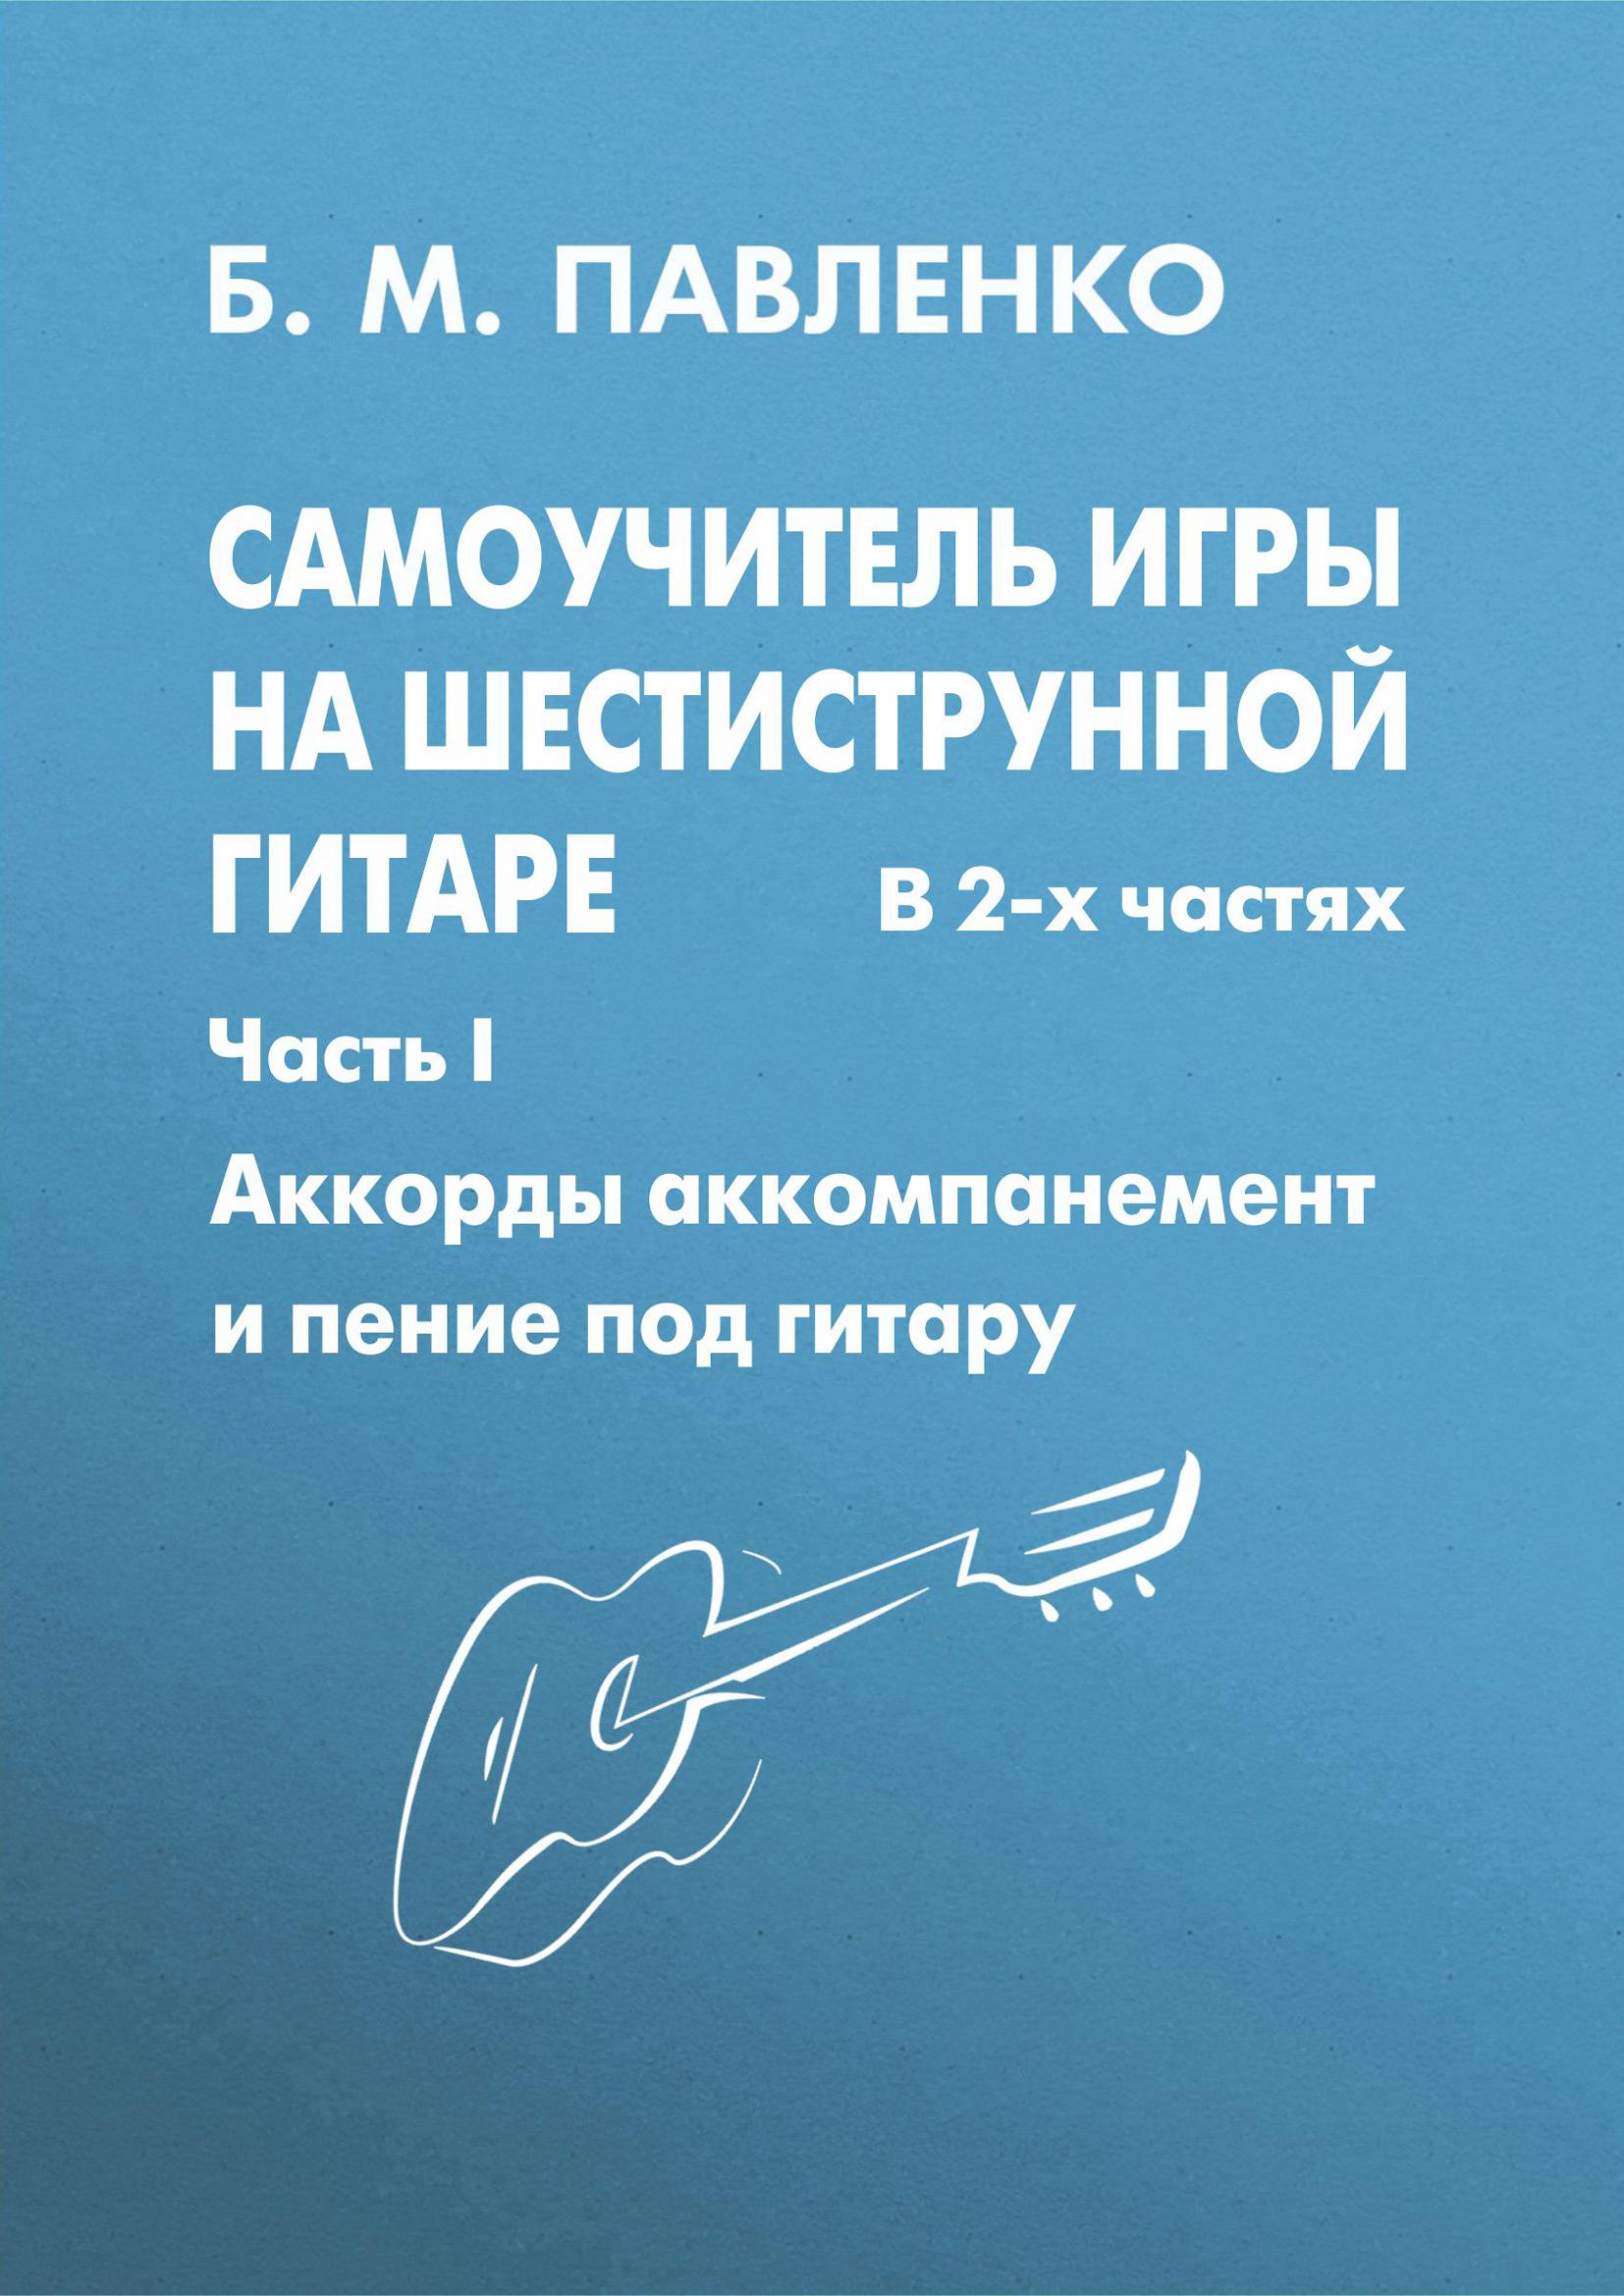 Б. М. Павленко Самоучитель игры на шестиструнной гитаре в 2-х частях. Аккорды, аккомпанемент и пение под гитару. Часть I тв антенна дельта к331а 03 комнатная с усилителем черная